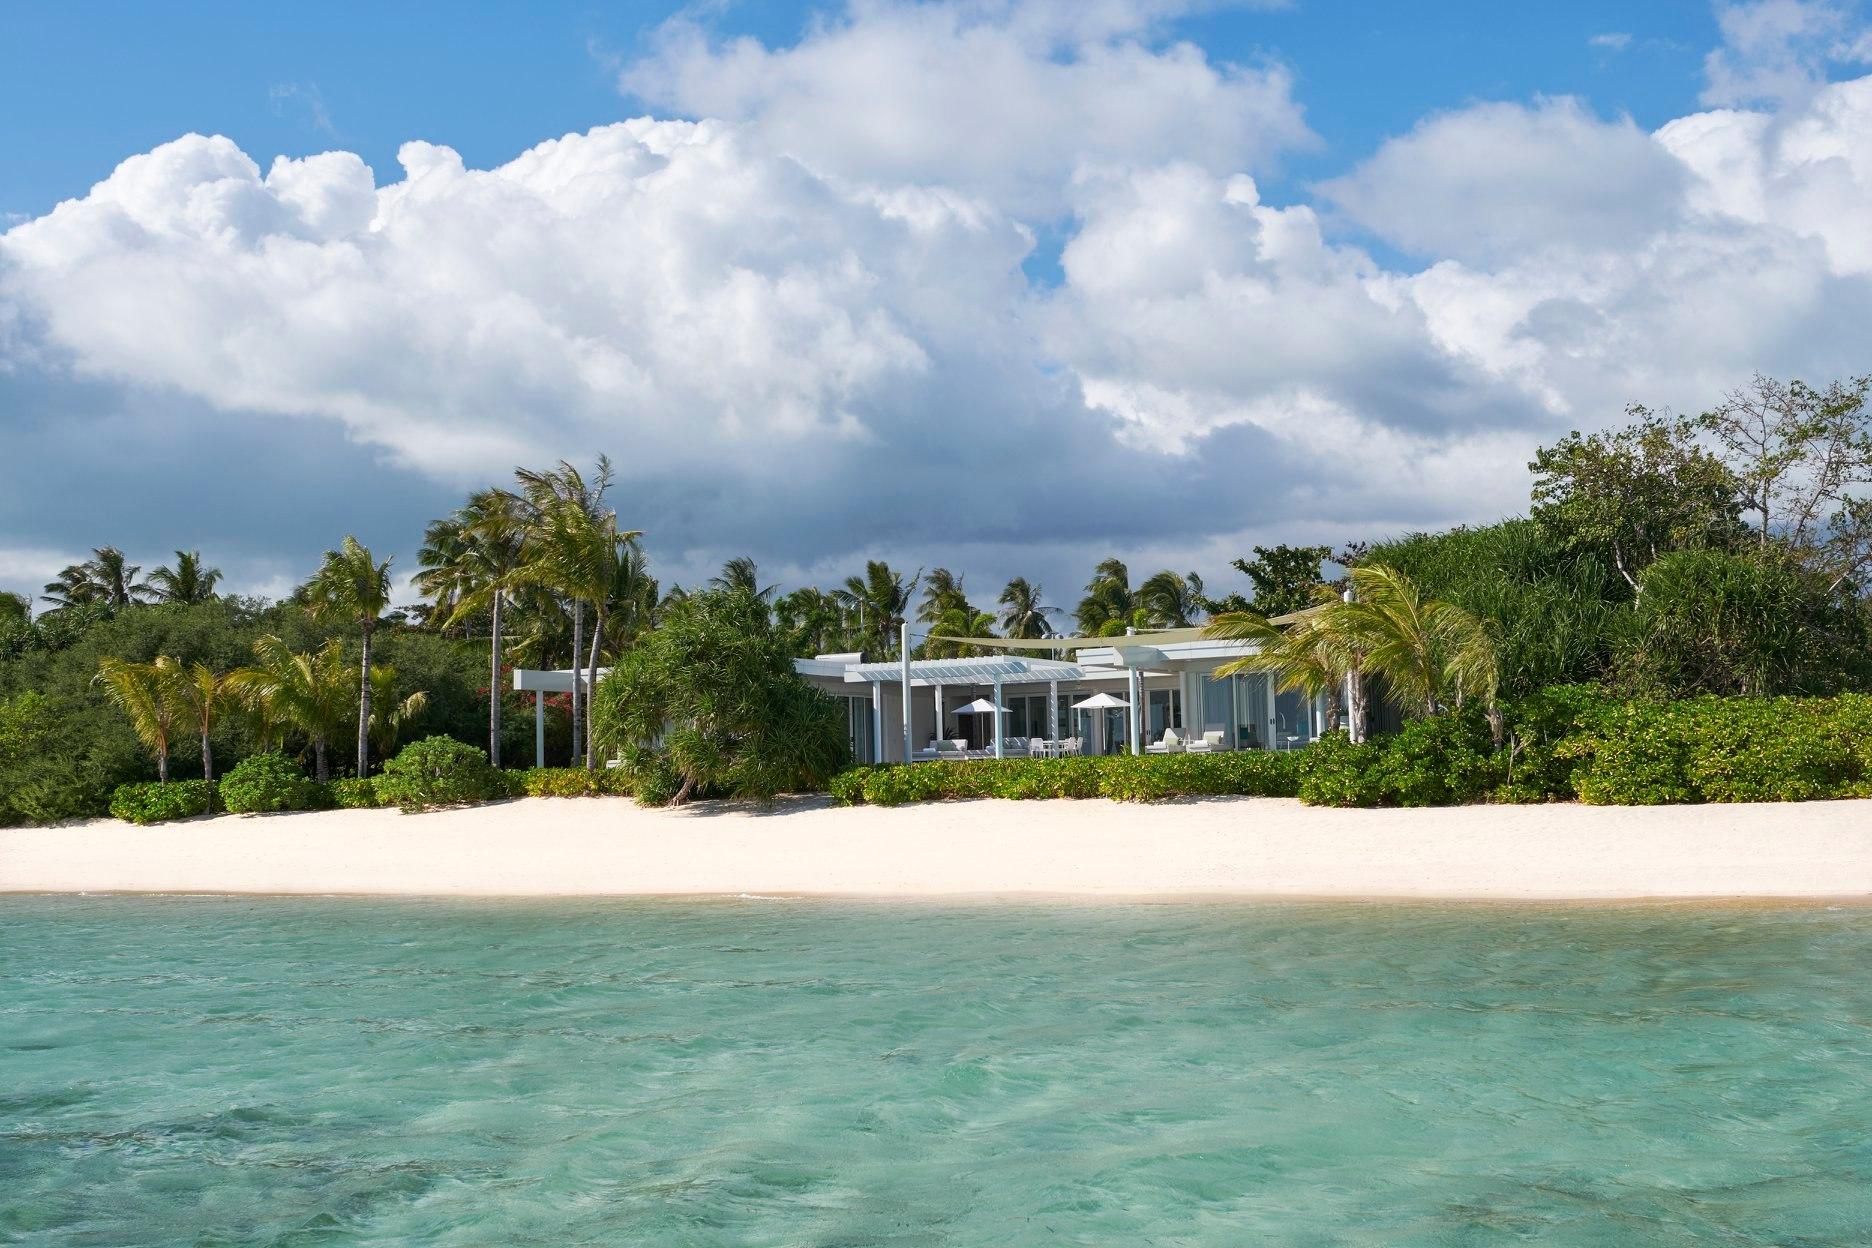 Cuánto cuesta hospedarse en la isla de lujo más cara del mundo